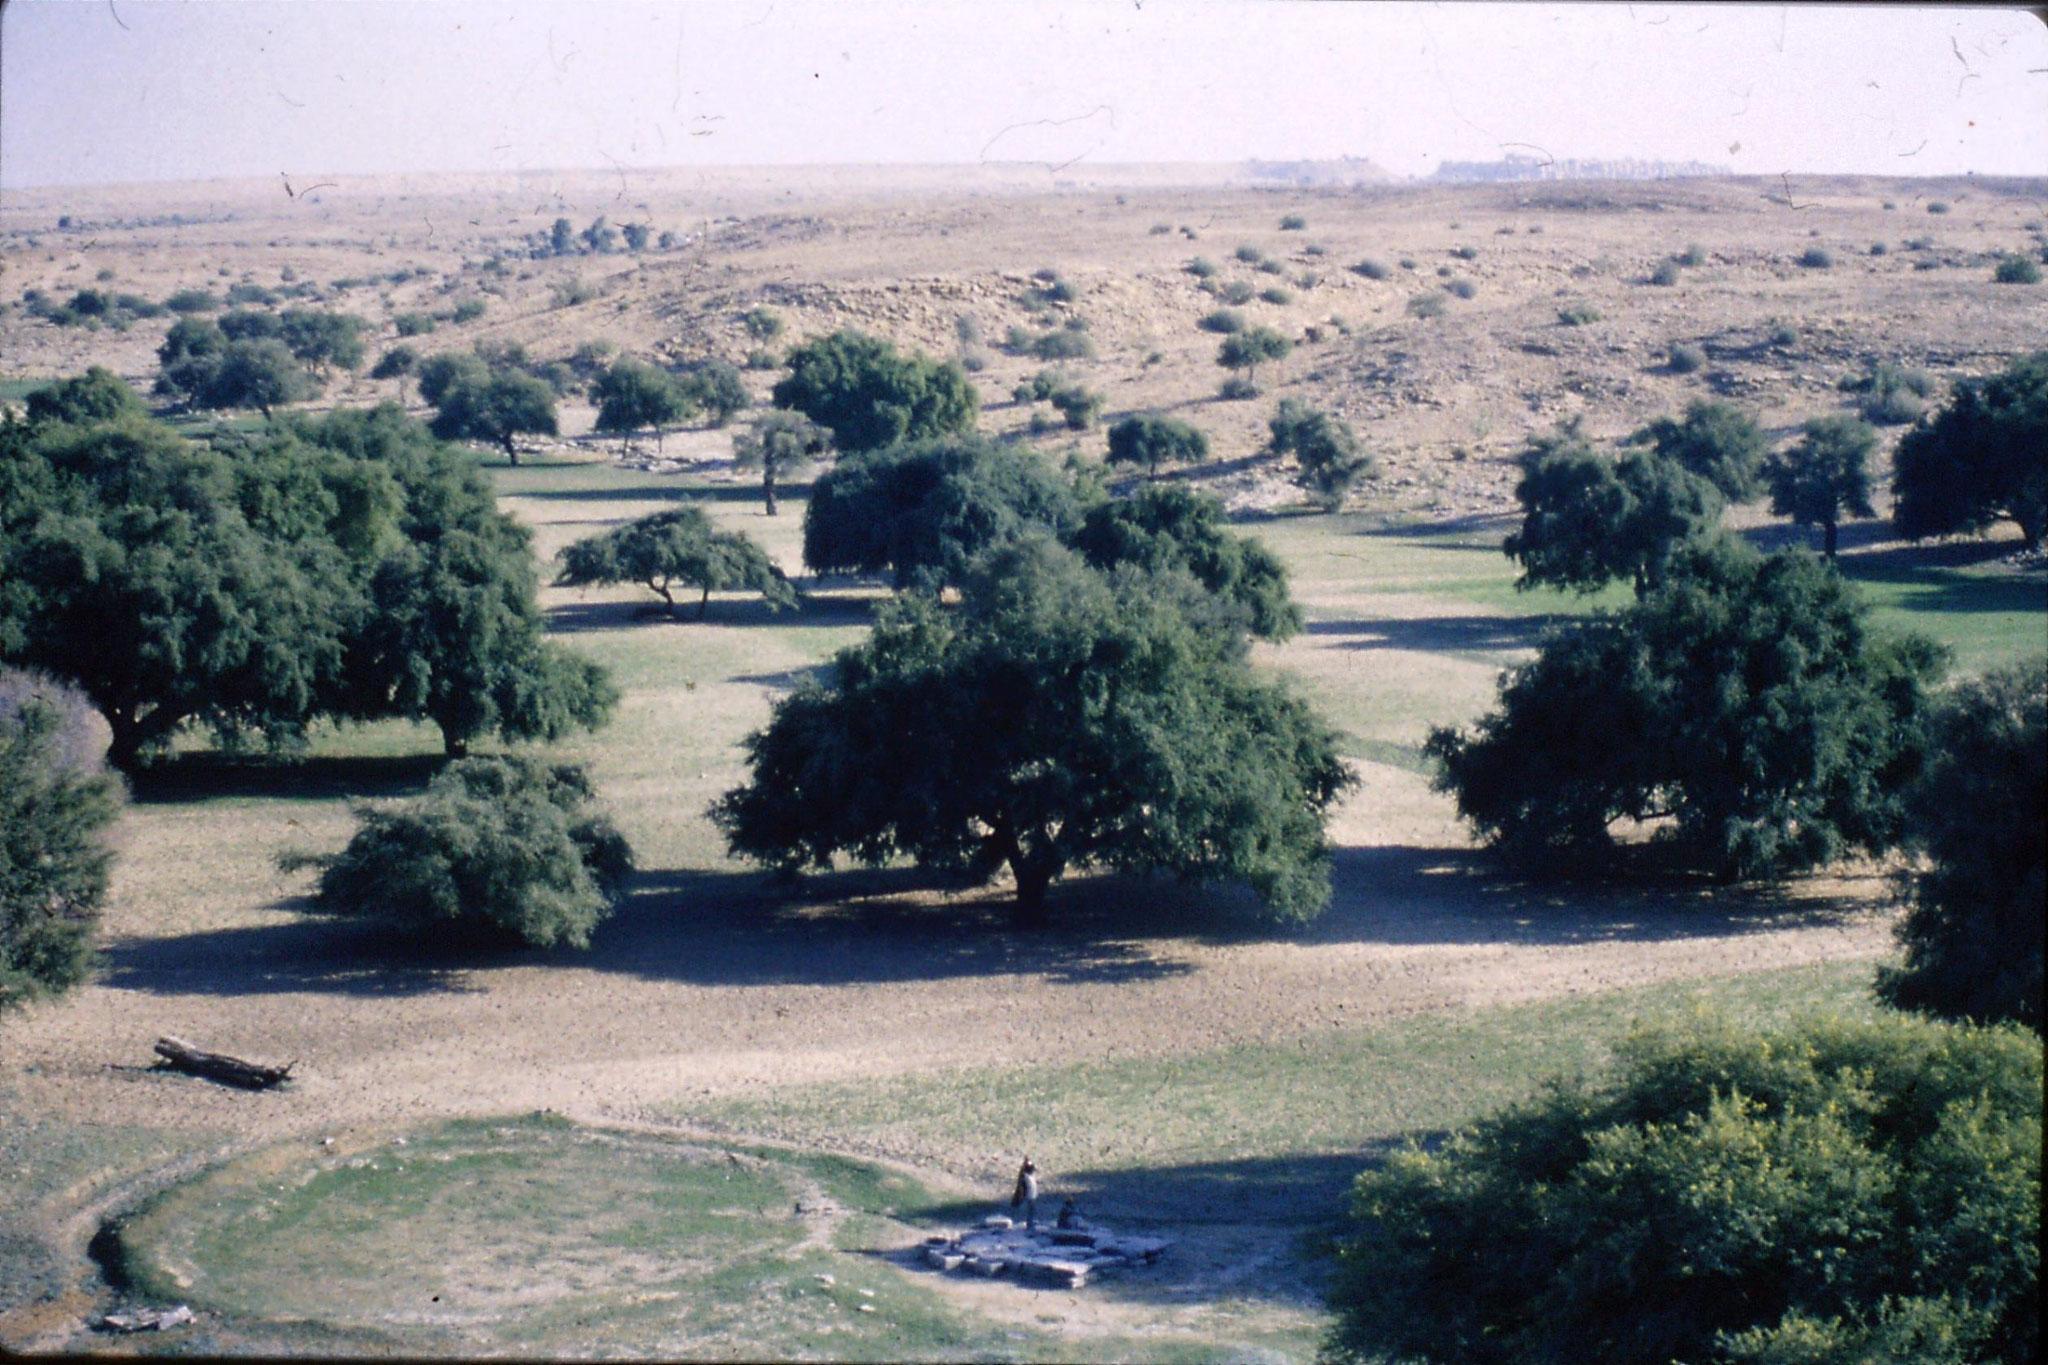 4/12/1989: 10: irrigation well and Jaisalmer